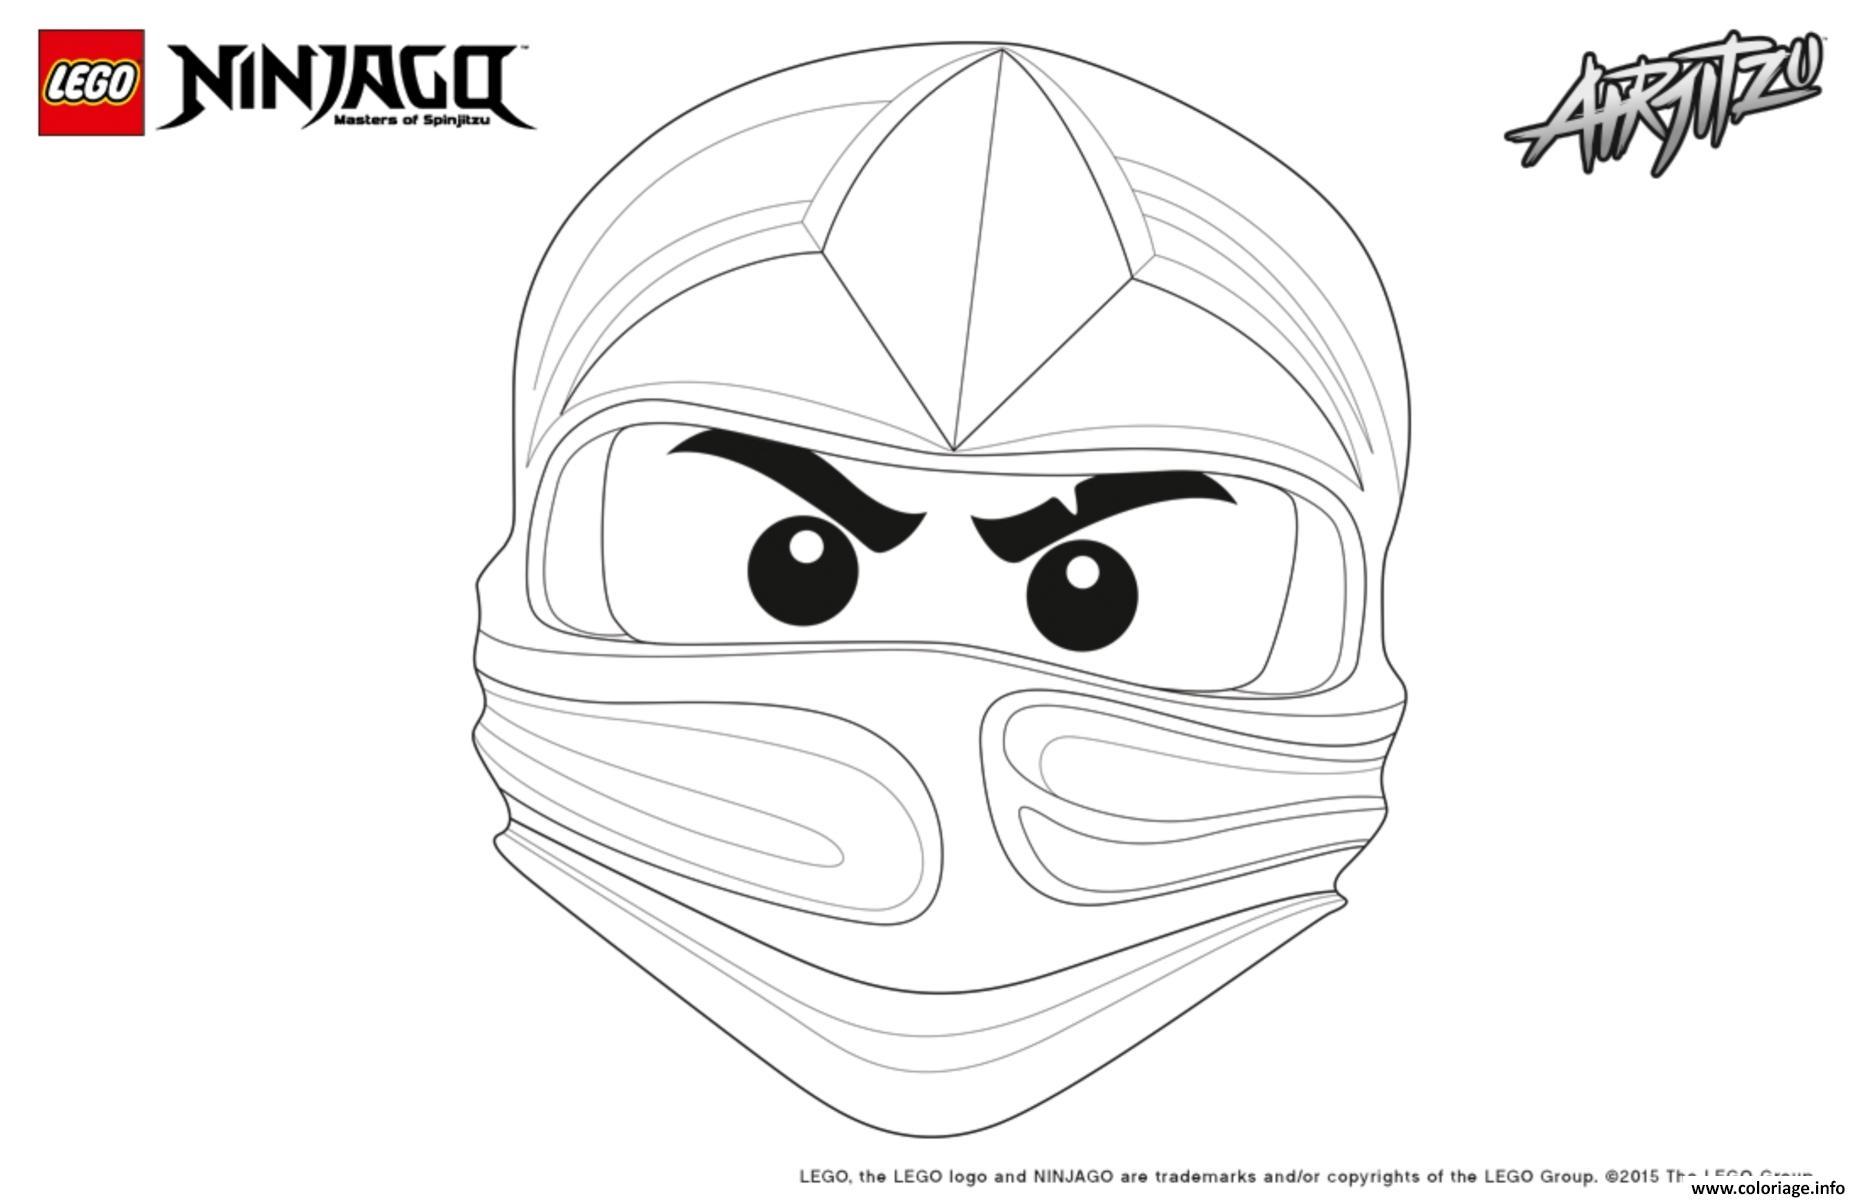 Coloriage ninjago lego visage kai - Coloriage de ninjago vert ...